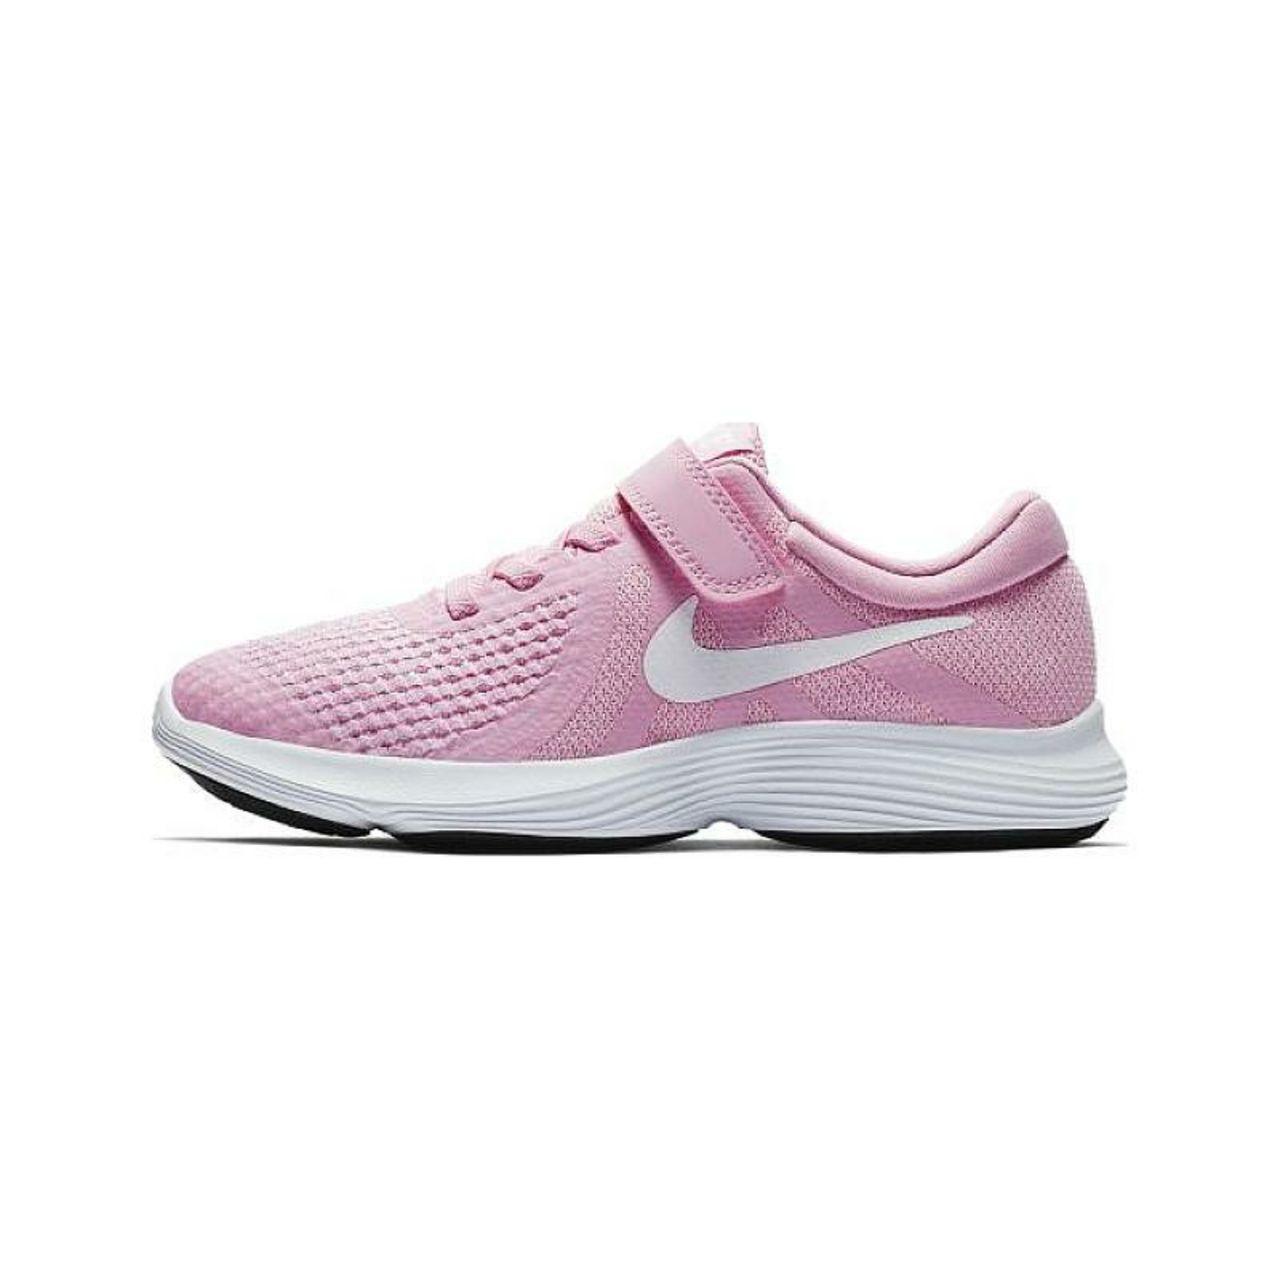 کفش مخصوص پیاده روی دخترانه نایکی مدل REVOLUTION 4